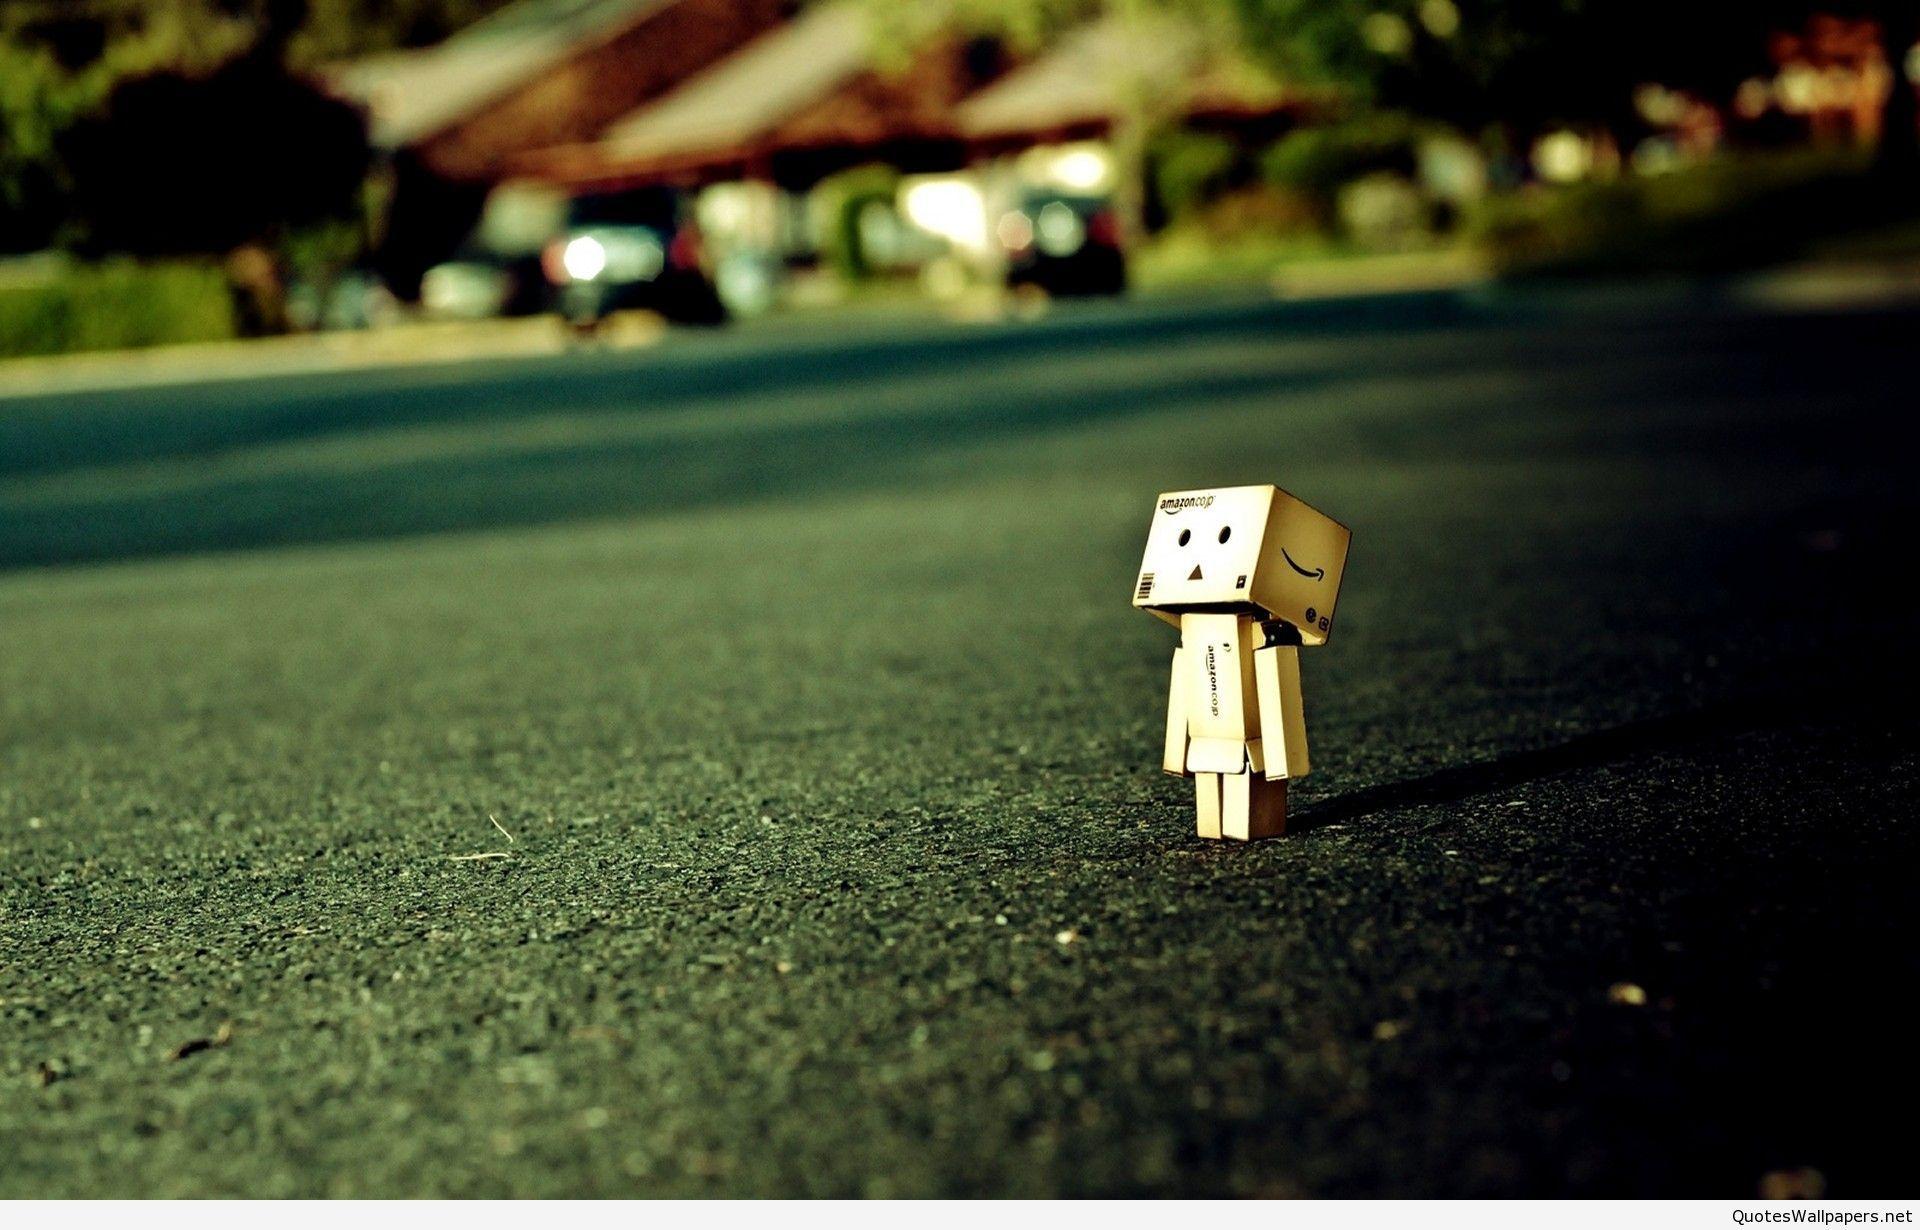 Feel Alone Wallpaper HD | www.quotespics.net